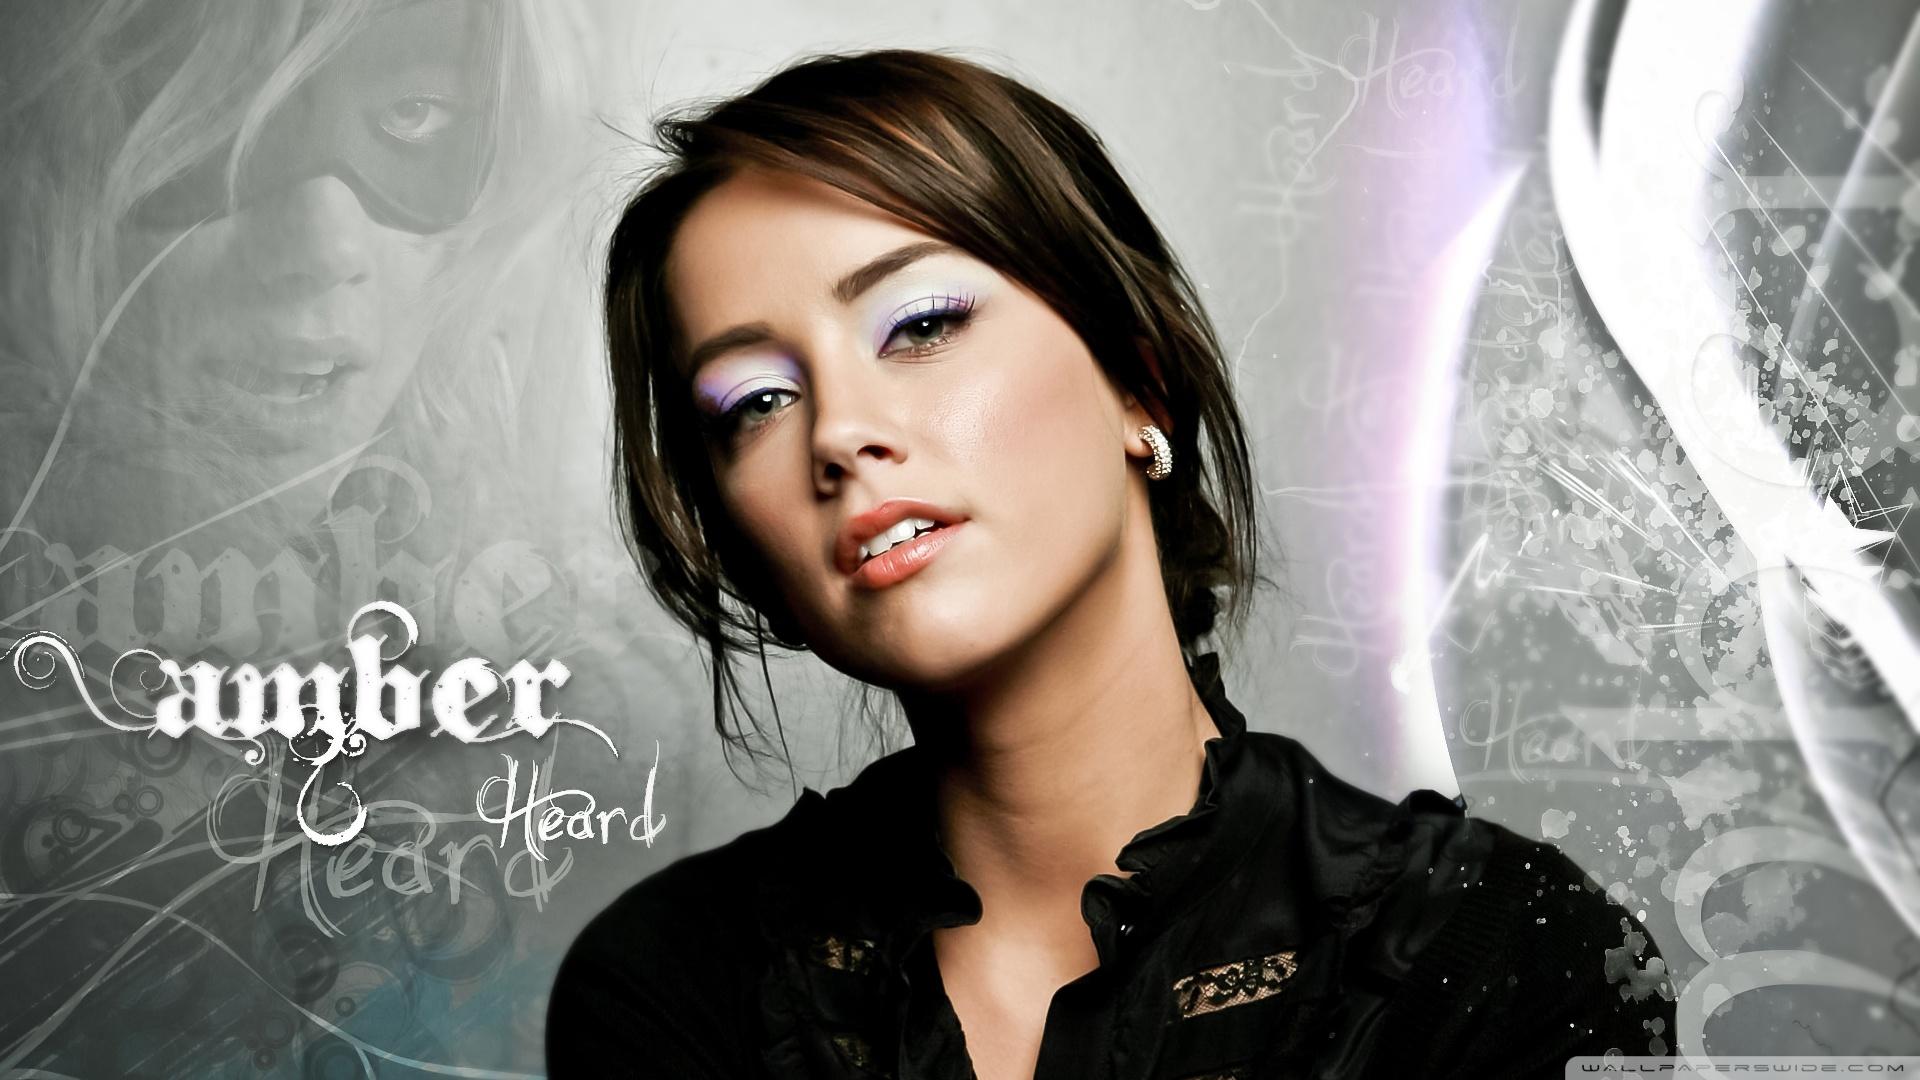 Standard - Brooke Lee Adams , HD Wallpaper & Backgrounds